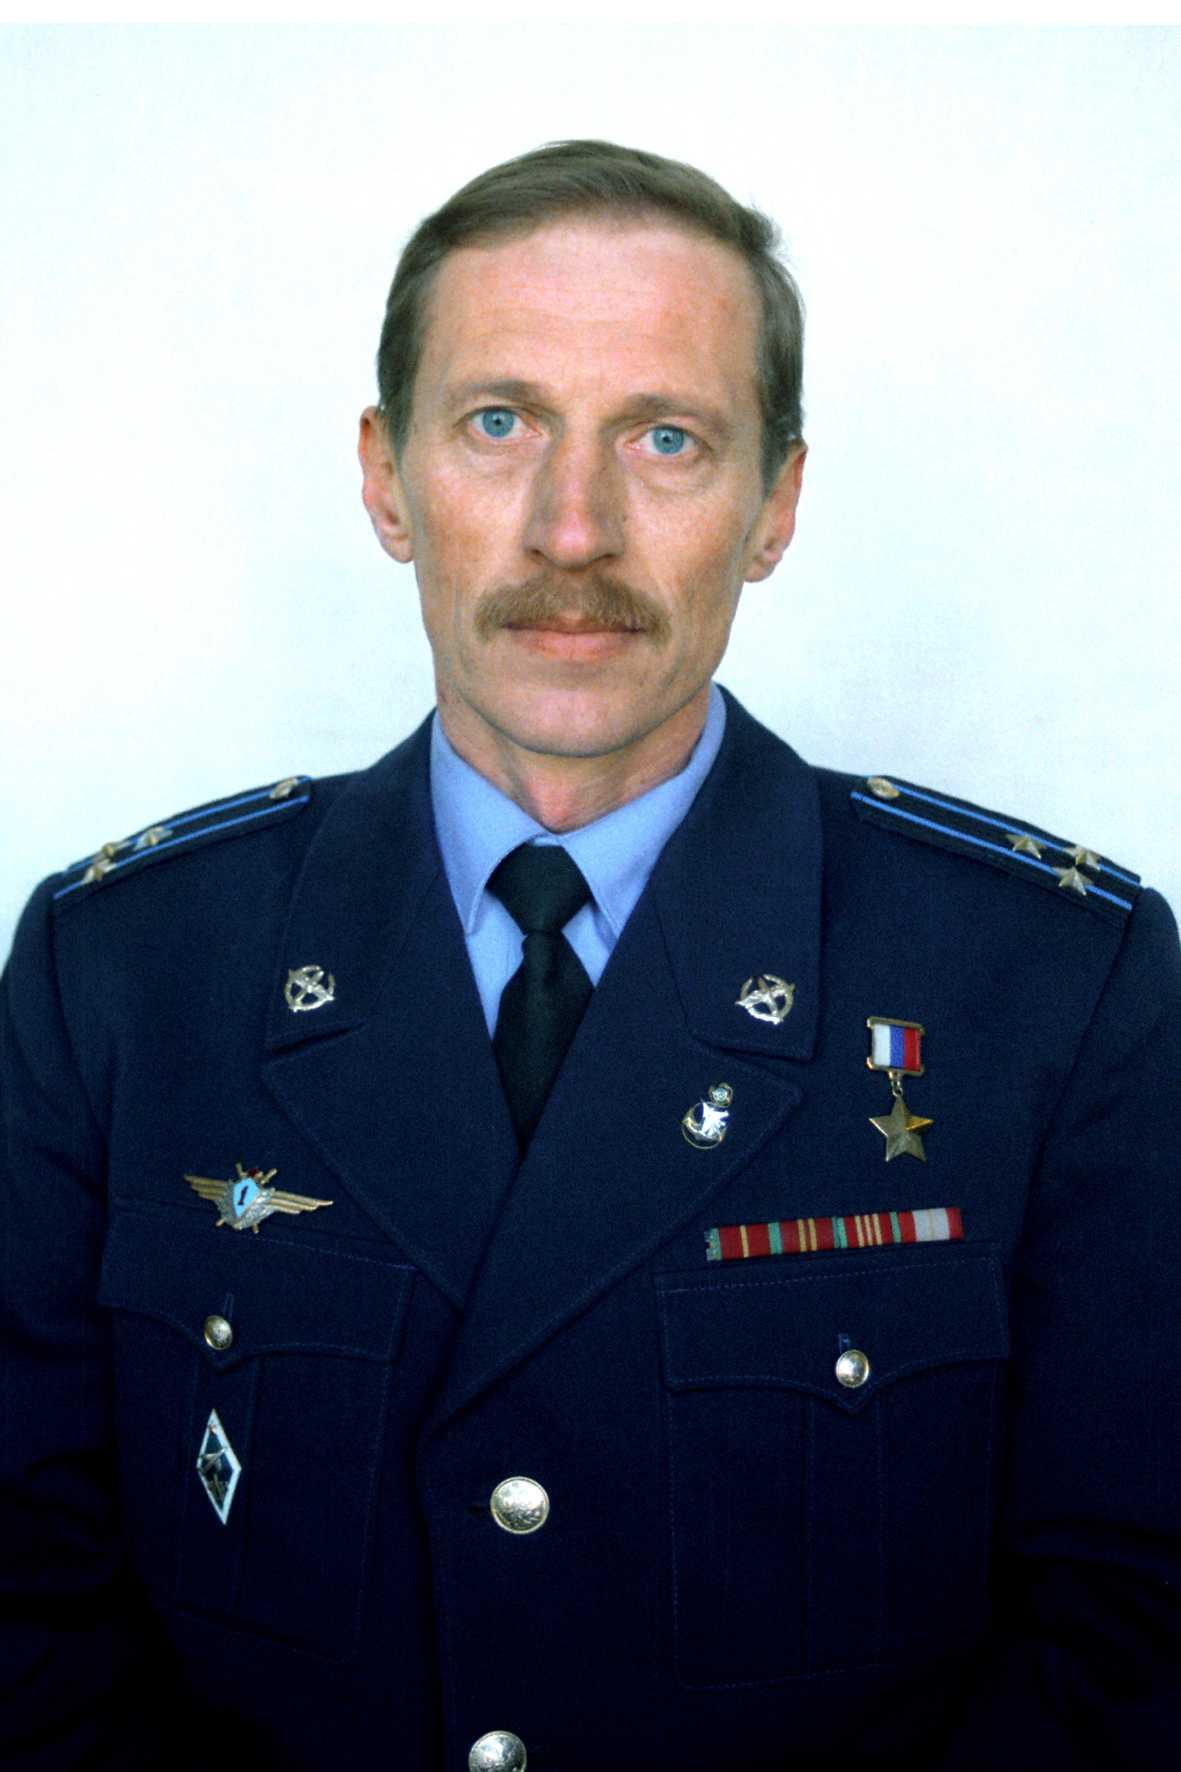 Герой России заслуженный летчик-испытатель полковник РАЕВСКИЙ АЛЕКСАНДР МИХАЙЛОВИЧ